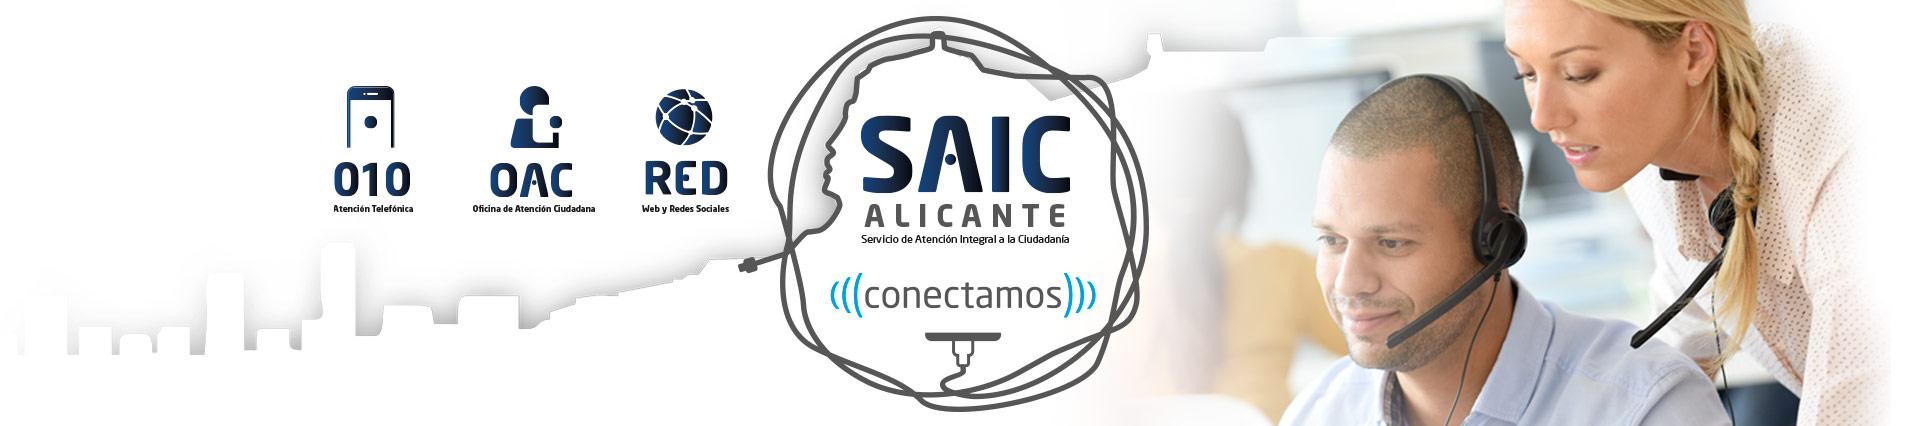 Servicio de Atención Integral a la Ciudadanía (SAIC)